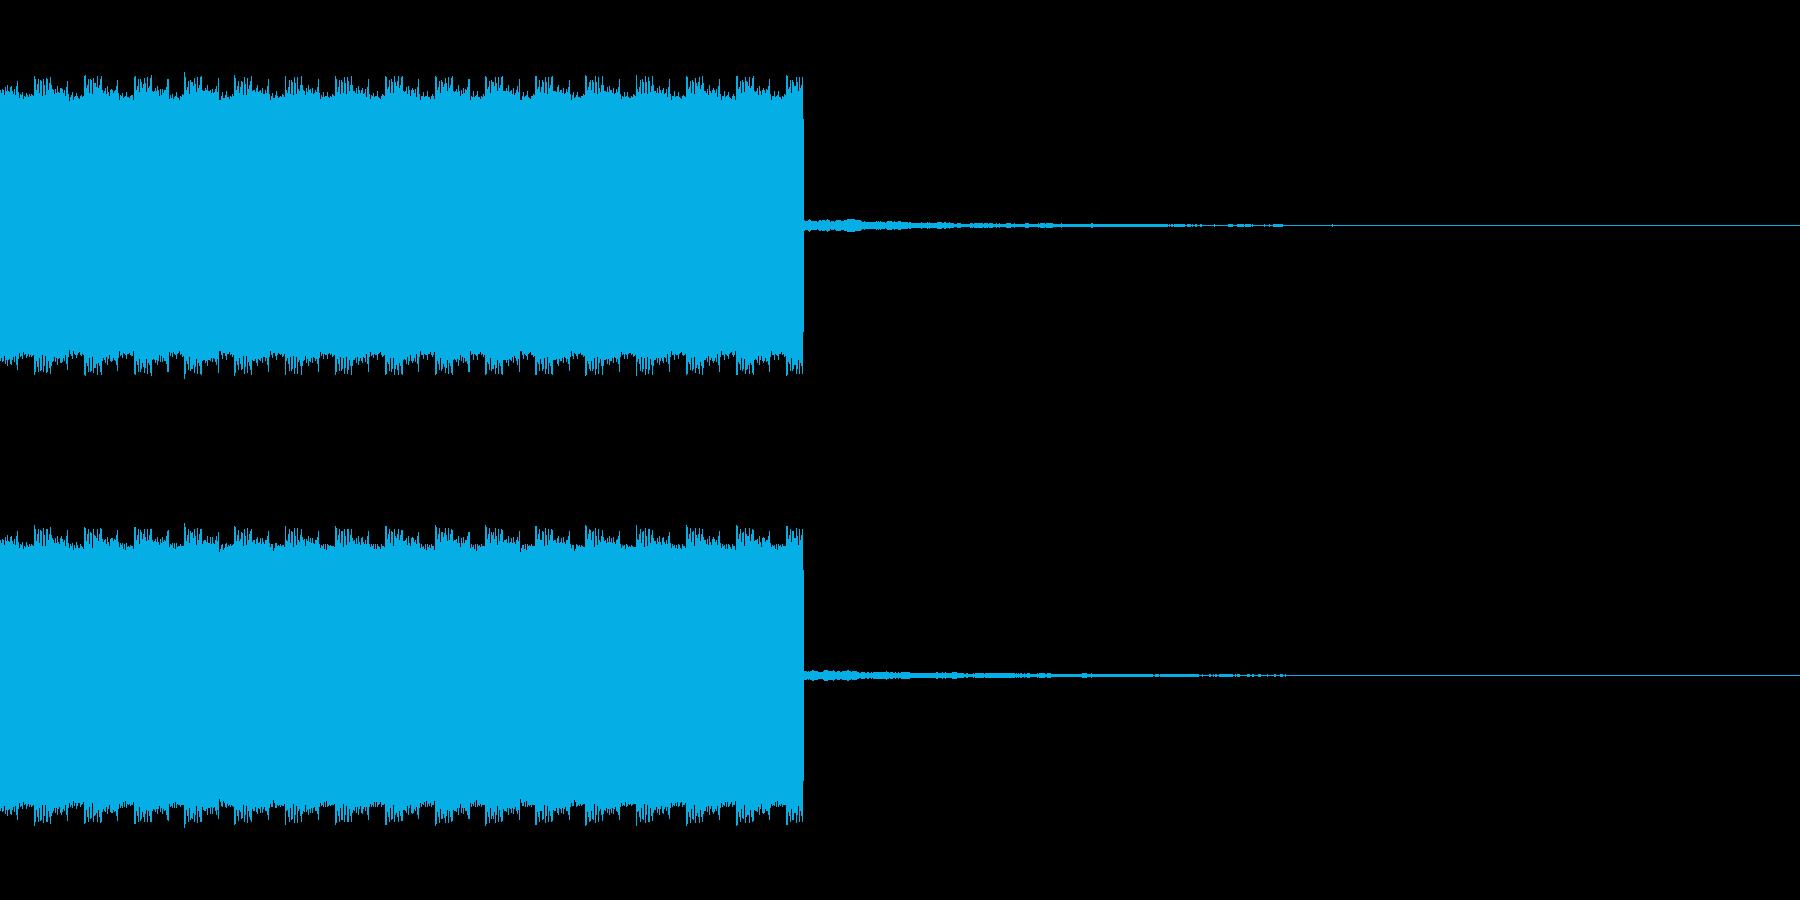 自主規制音2 ピロピロロングの再生済みの波形